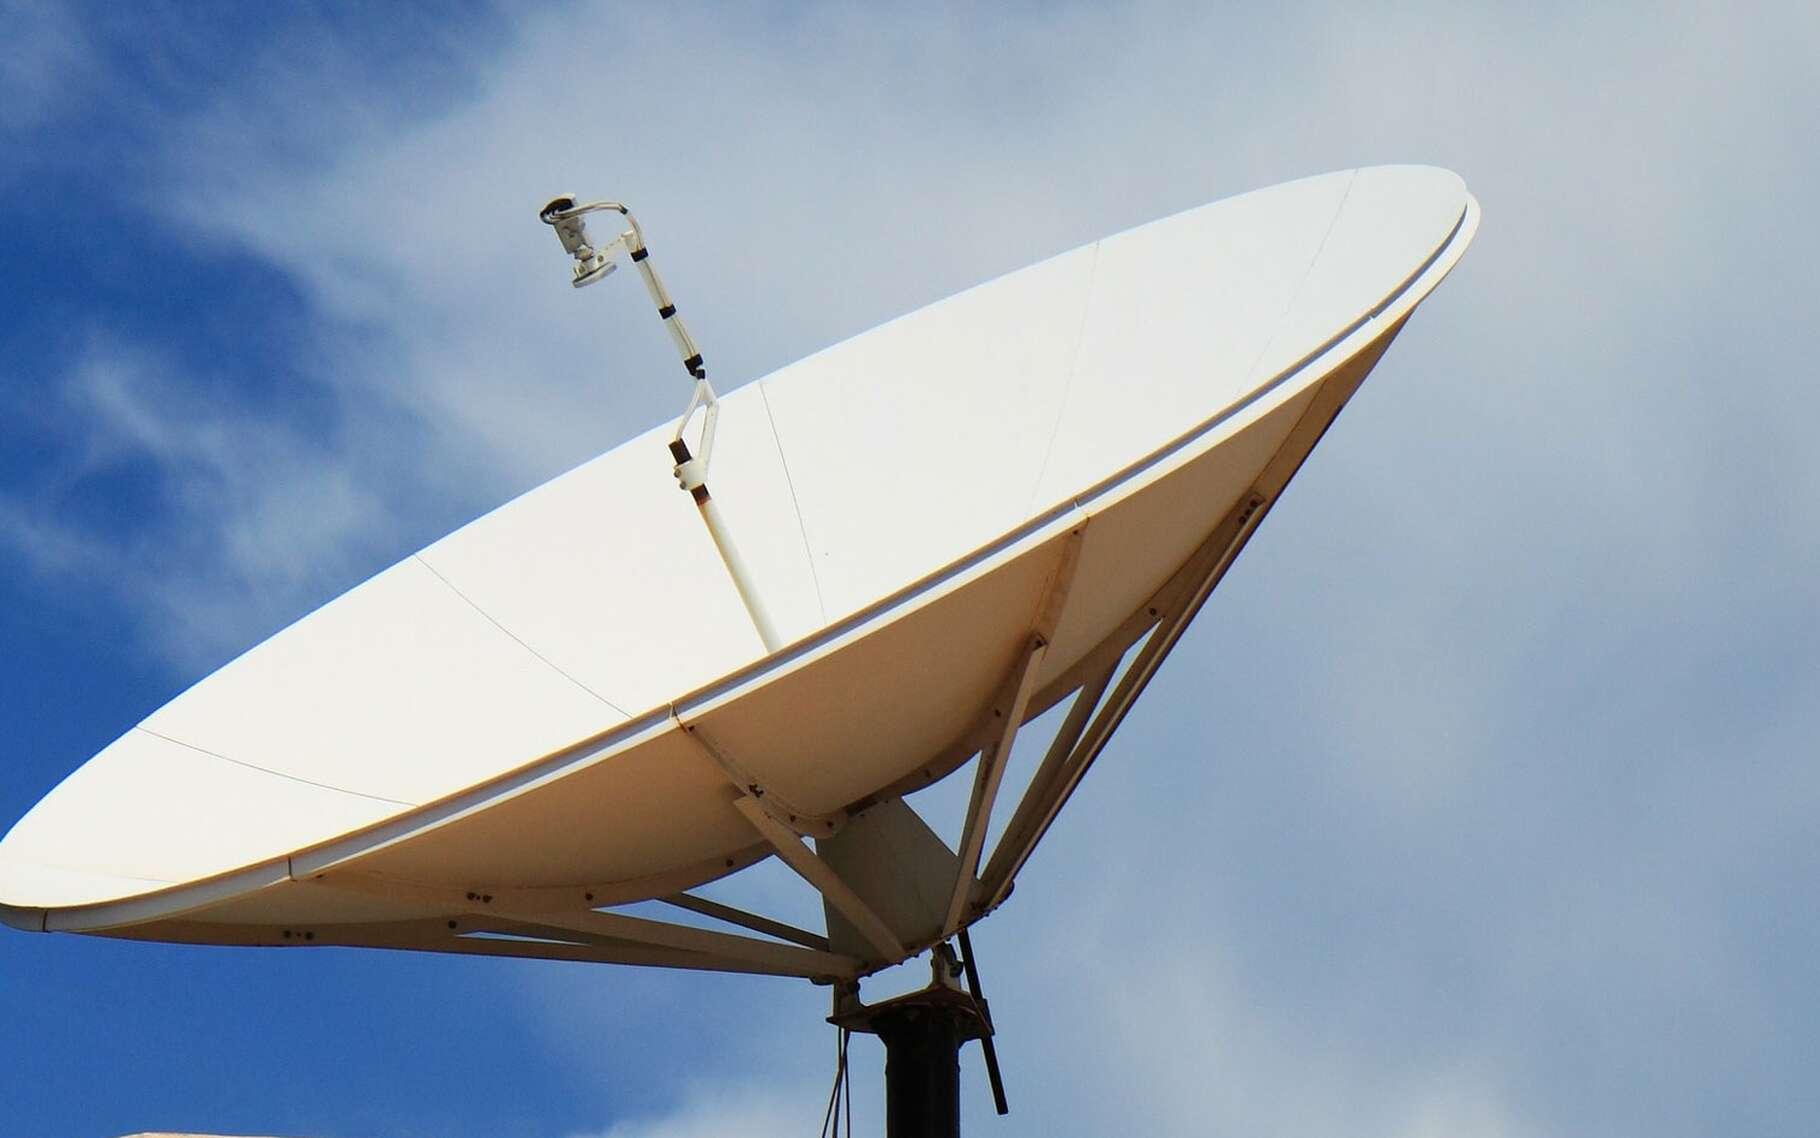 La parabole pour capter les programmes télévisuels. © PublicDomainePicture, Pixabay, DP